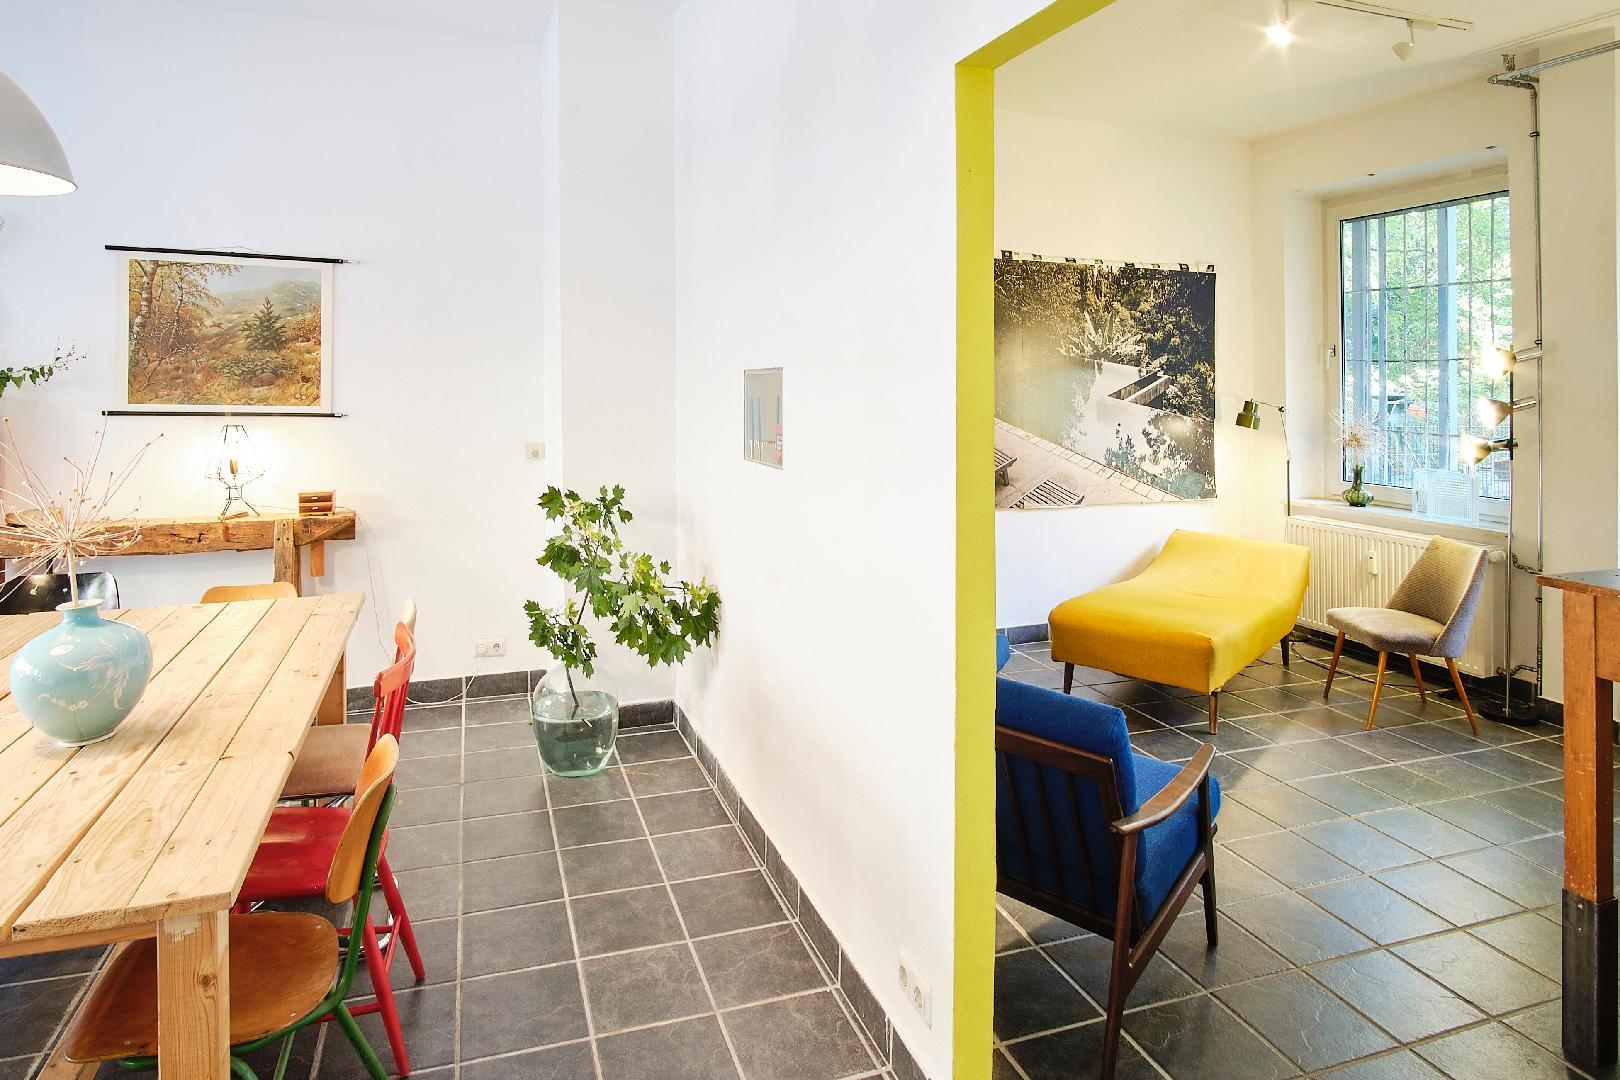 Picture 2 of Stilvoller Raum in Dänischem Vintage-Stil zum Mieten